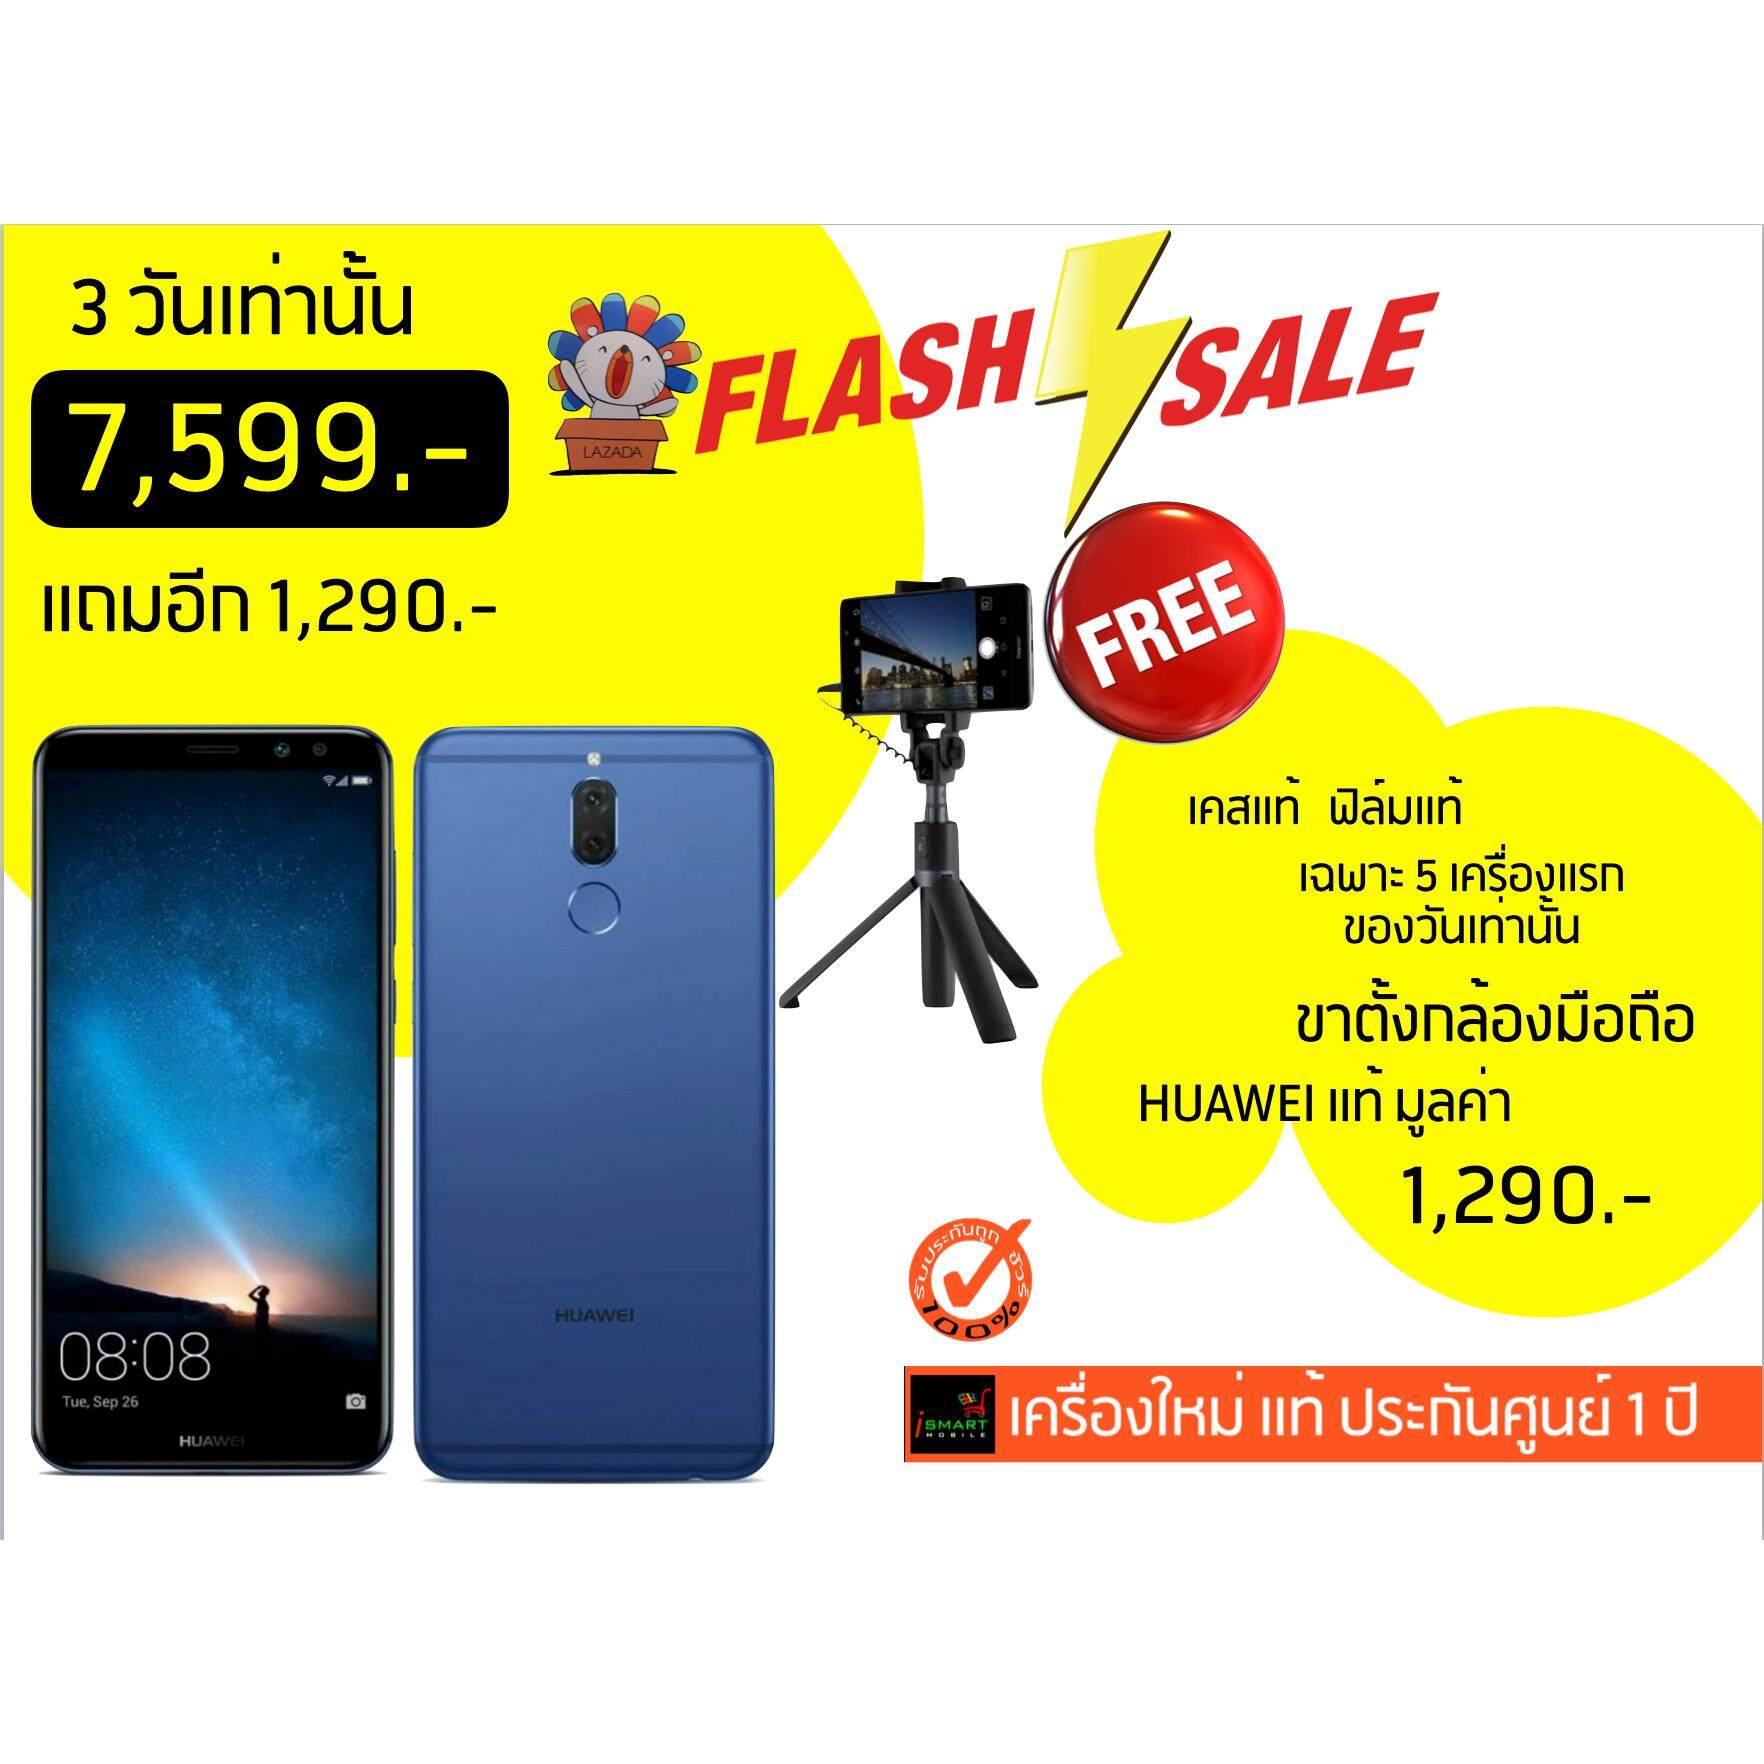 ขาย ซื้อ ออนไลน์ Huawei Nova 2I ลดเหลือ 7 599 แถมอีก 1 290 กดโค๊ต Ismart10 รับฟรี ขาตั้งกล้อง Huawei แท้ 1290 บาท เคสแท้ ฟิล์มกันรอยแท้